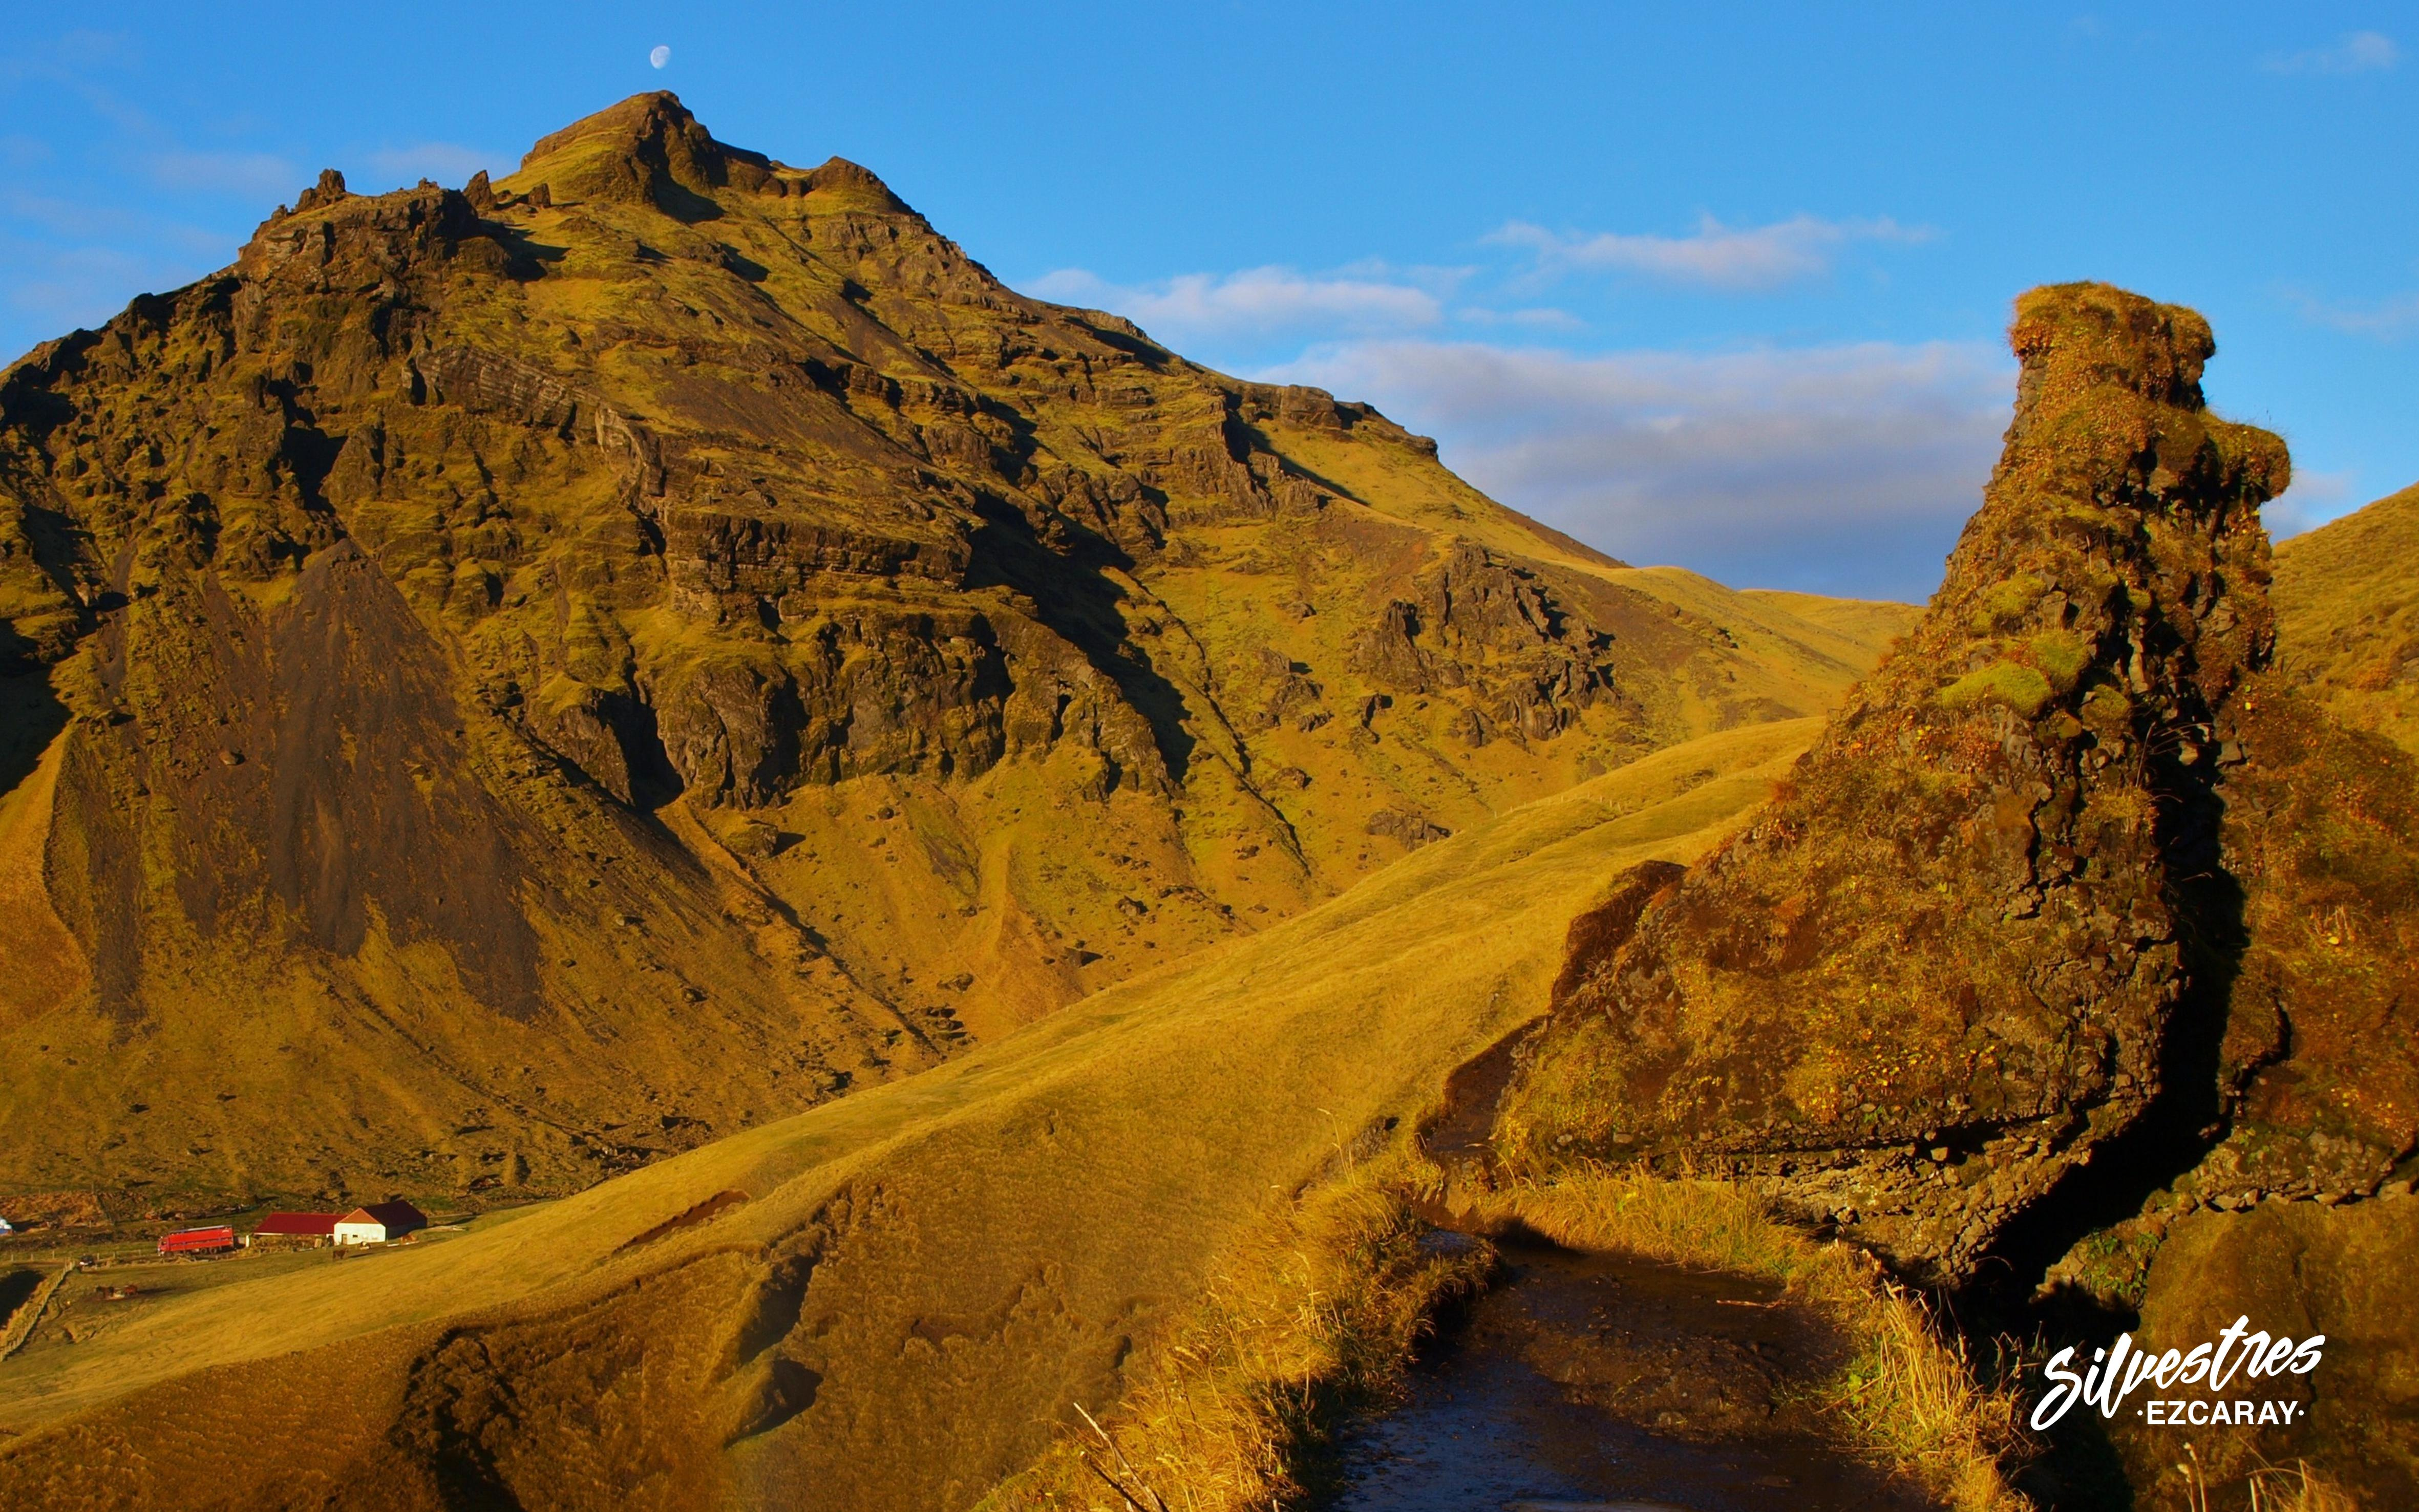 paisajes_montañas_montes_islandia_iceland_moutains_trekking